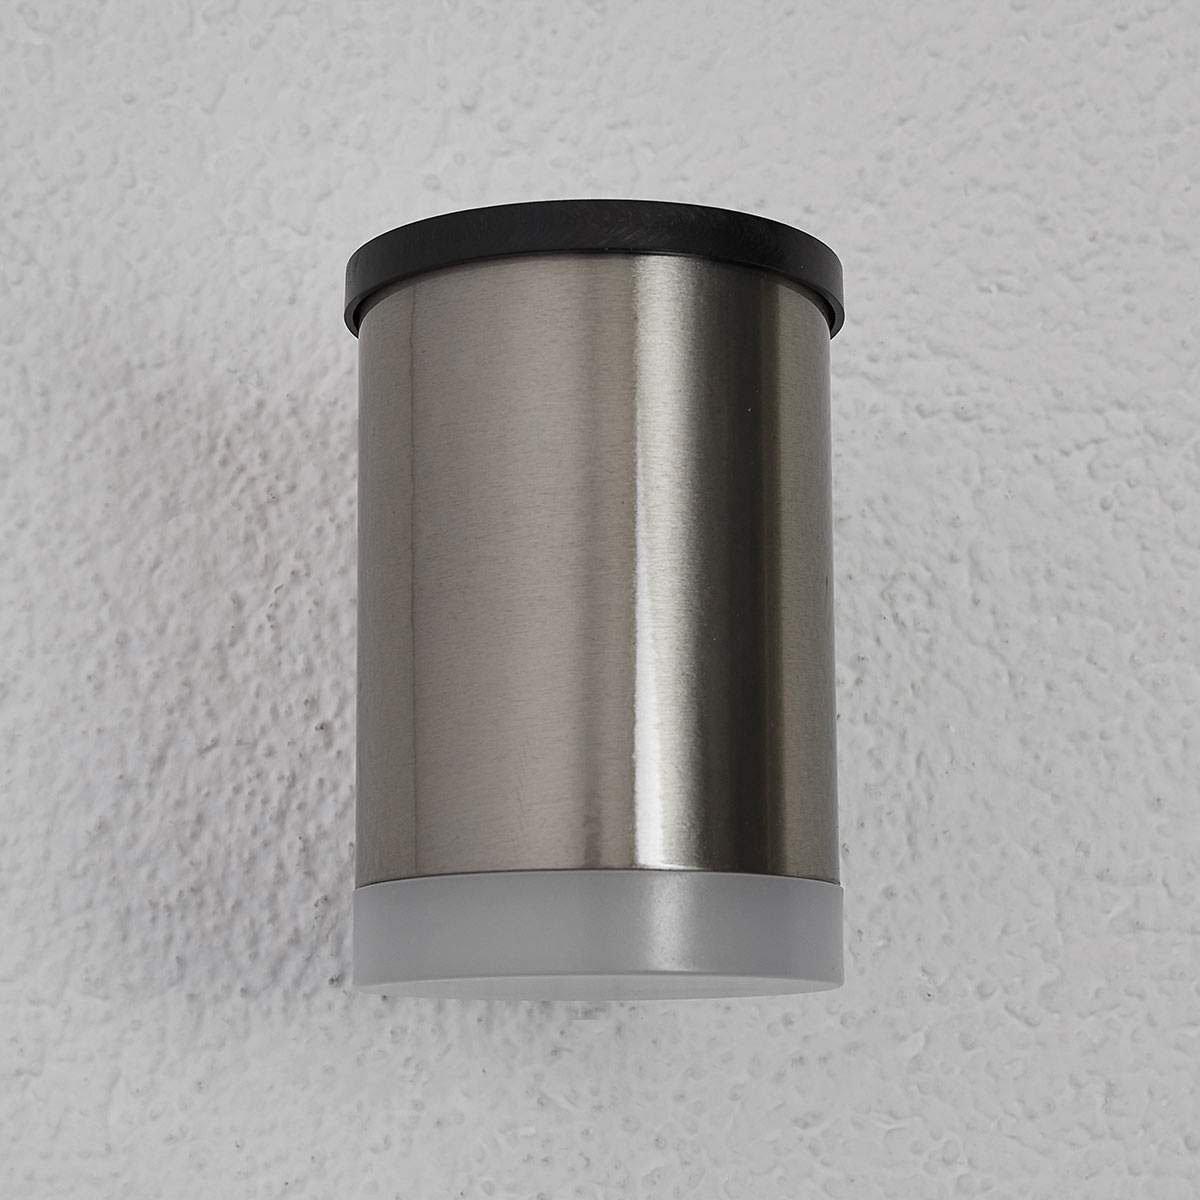 LED-Solar-Außenwandleuchte Tyson, 11,5x8x11,5 cm, Edelstahl, silber | #6